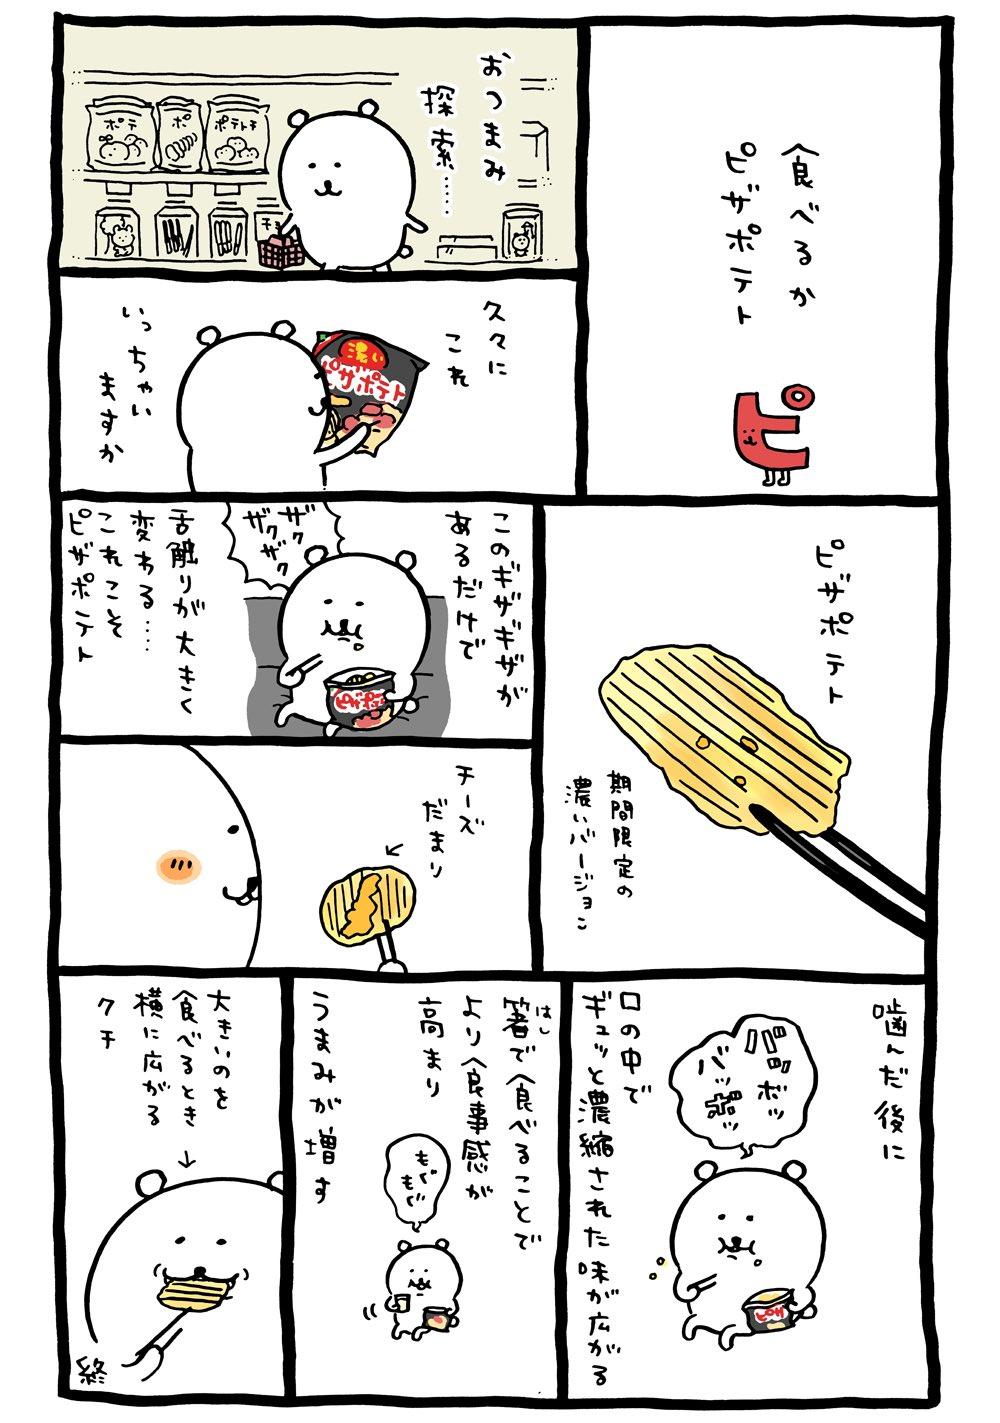 ピザポテトを食べてみた口コミ漫画が非常に興味深いのだが‼